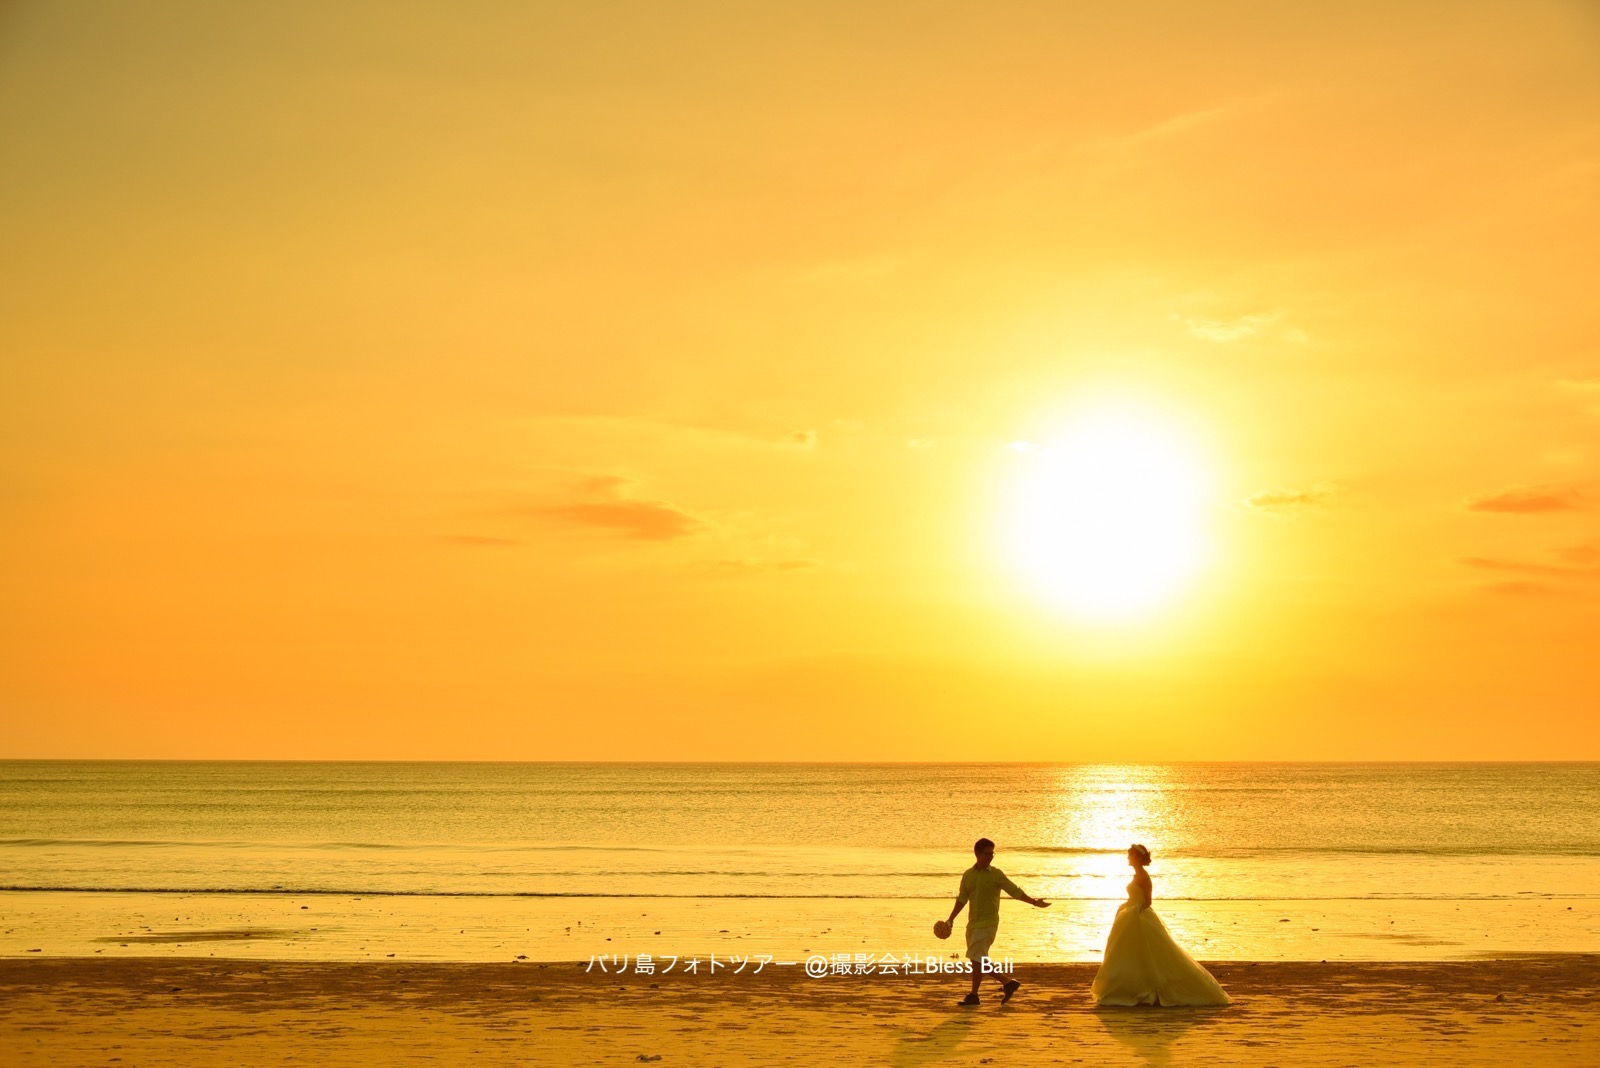 ロマンチックな夕日の中を歩く新郎新婦